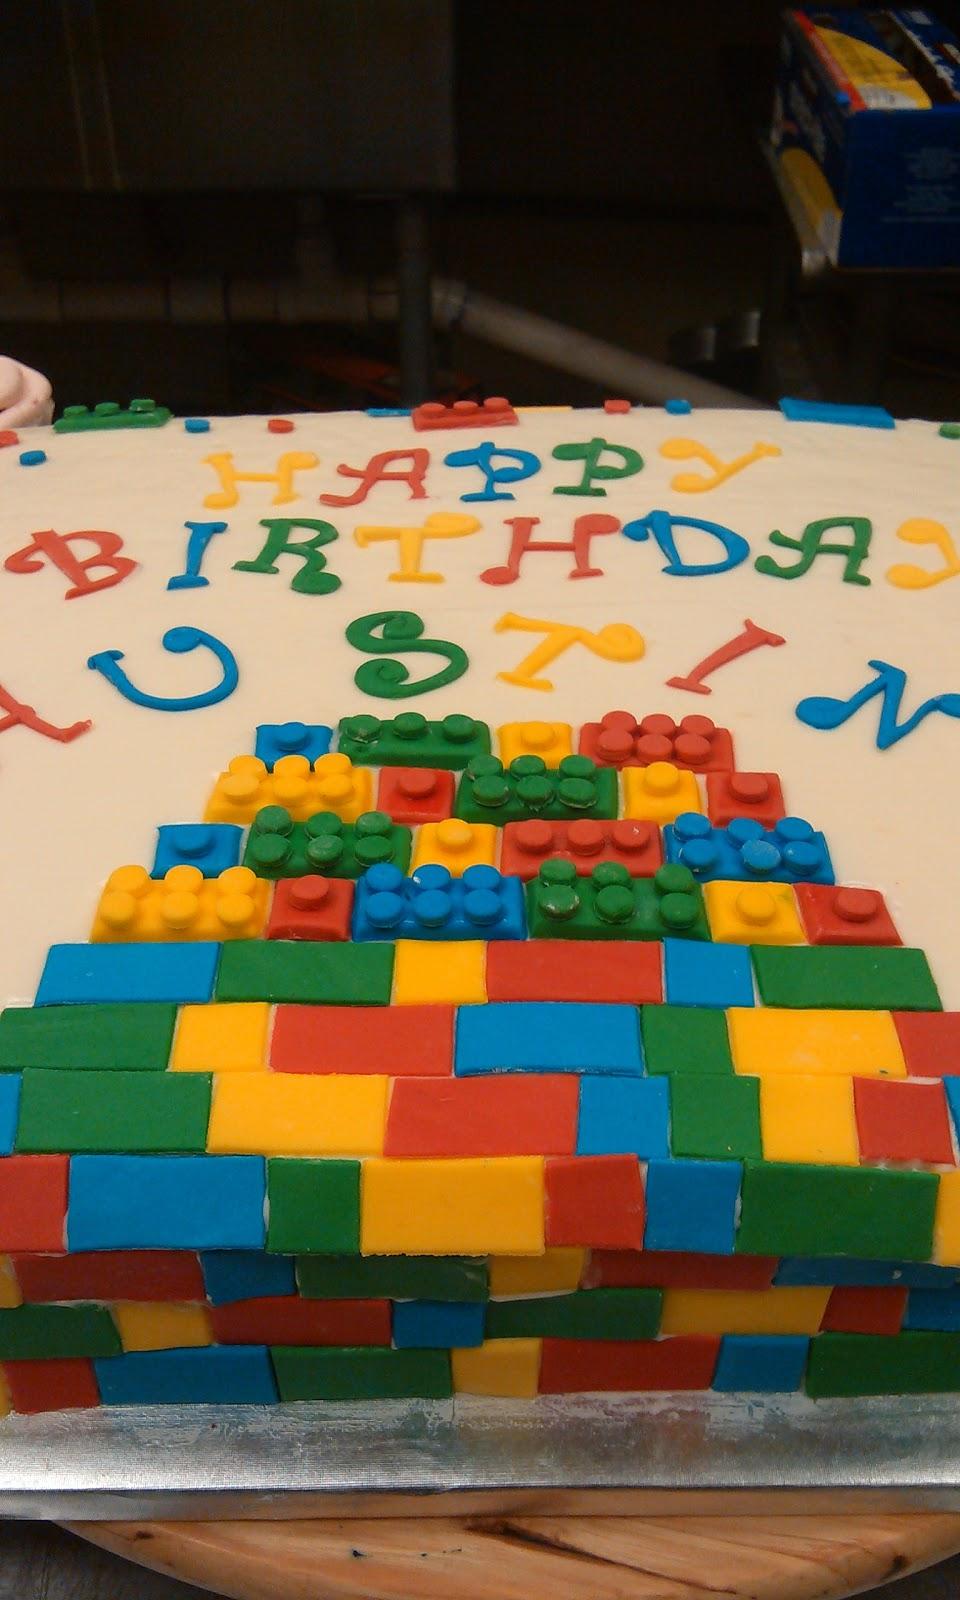 Cake Art Lawrenceville Hwy : CAFE AROMAS: Lego Chima Cake